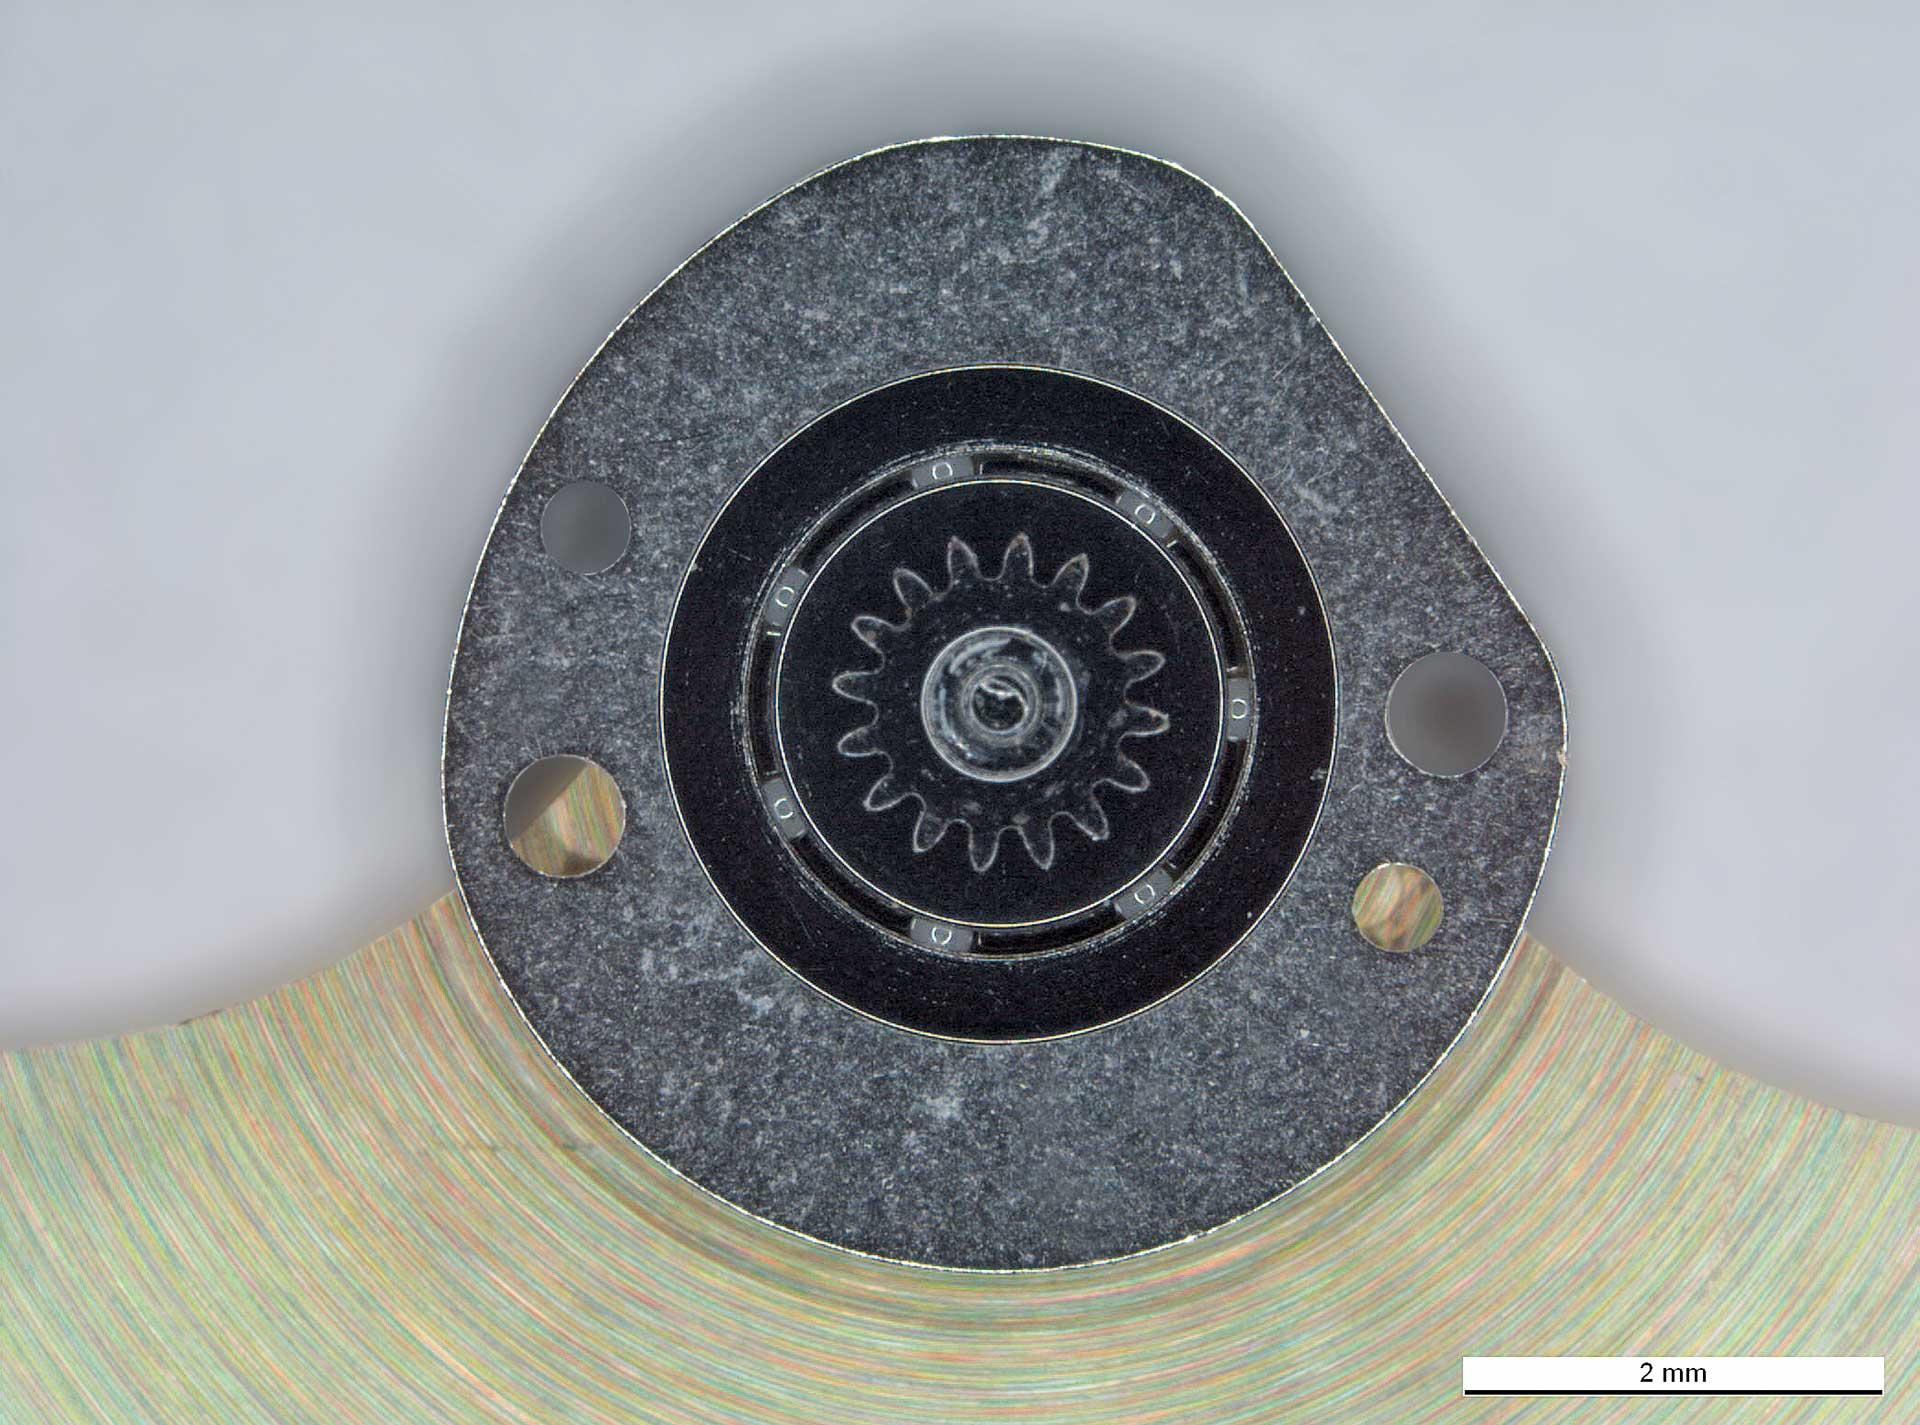 Der Rotor von Werken aus dem Hause Girard-Perregaux dreht sich dank Lagern mit Keramikkugeln völlig ohne Schmierung.